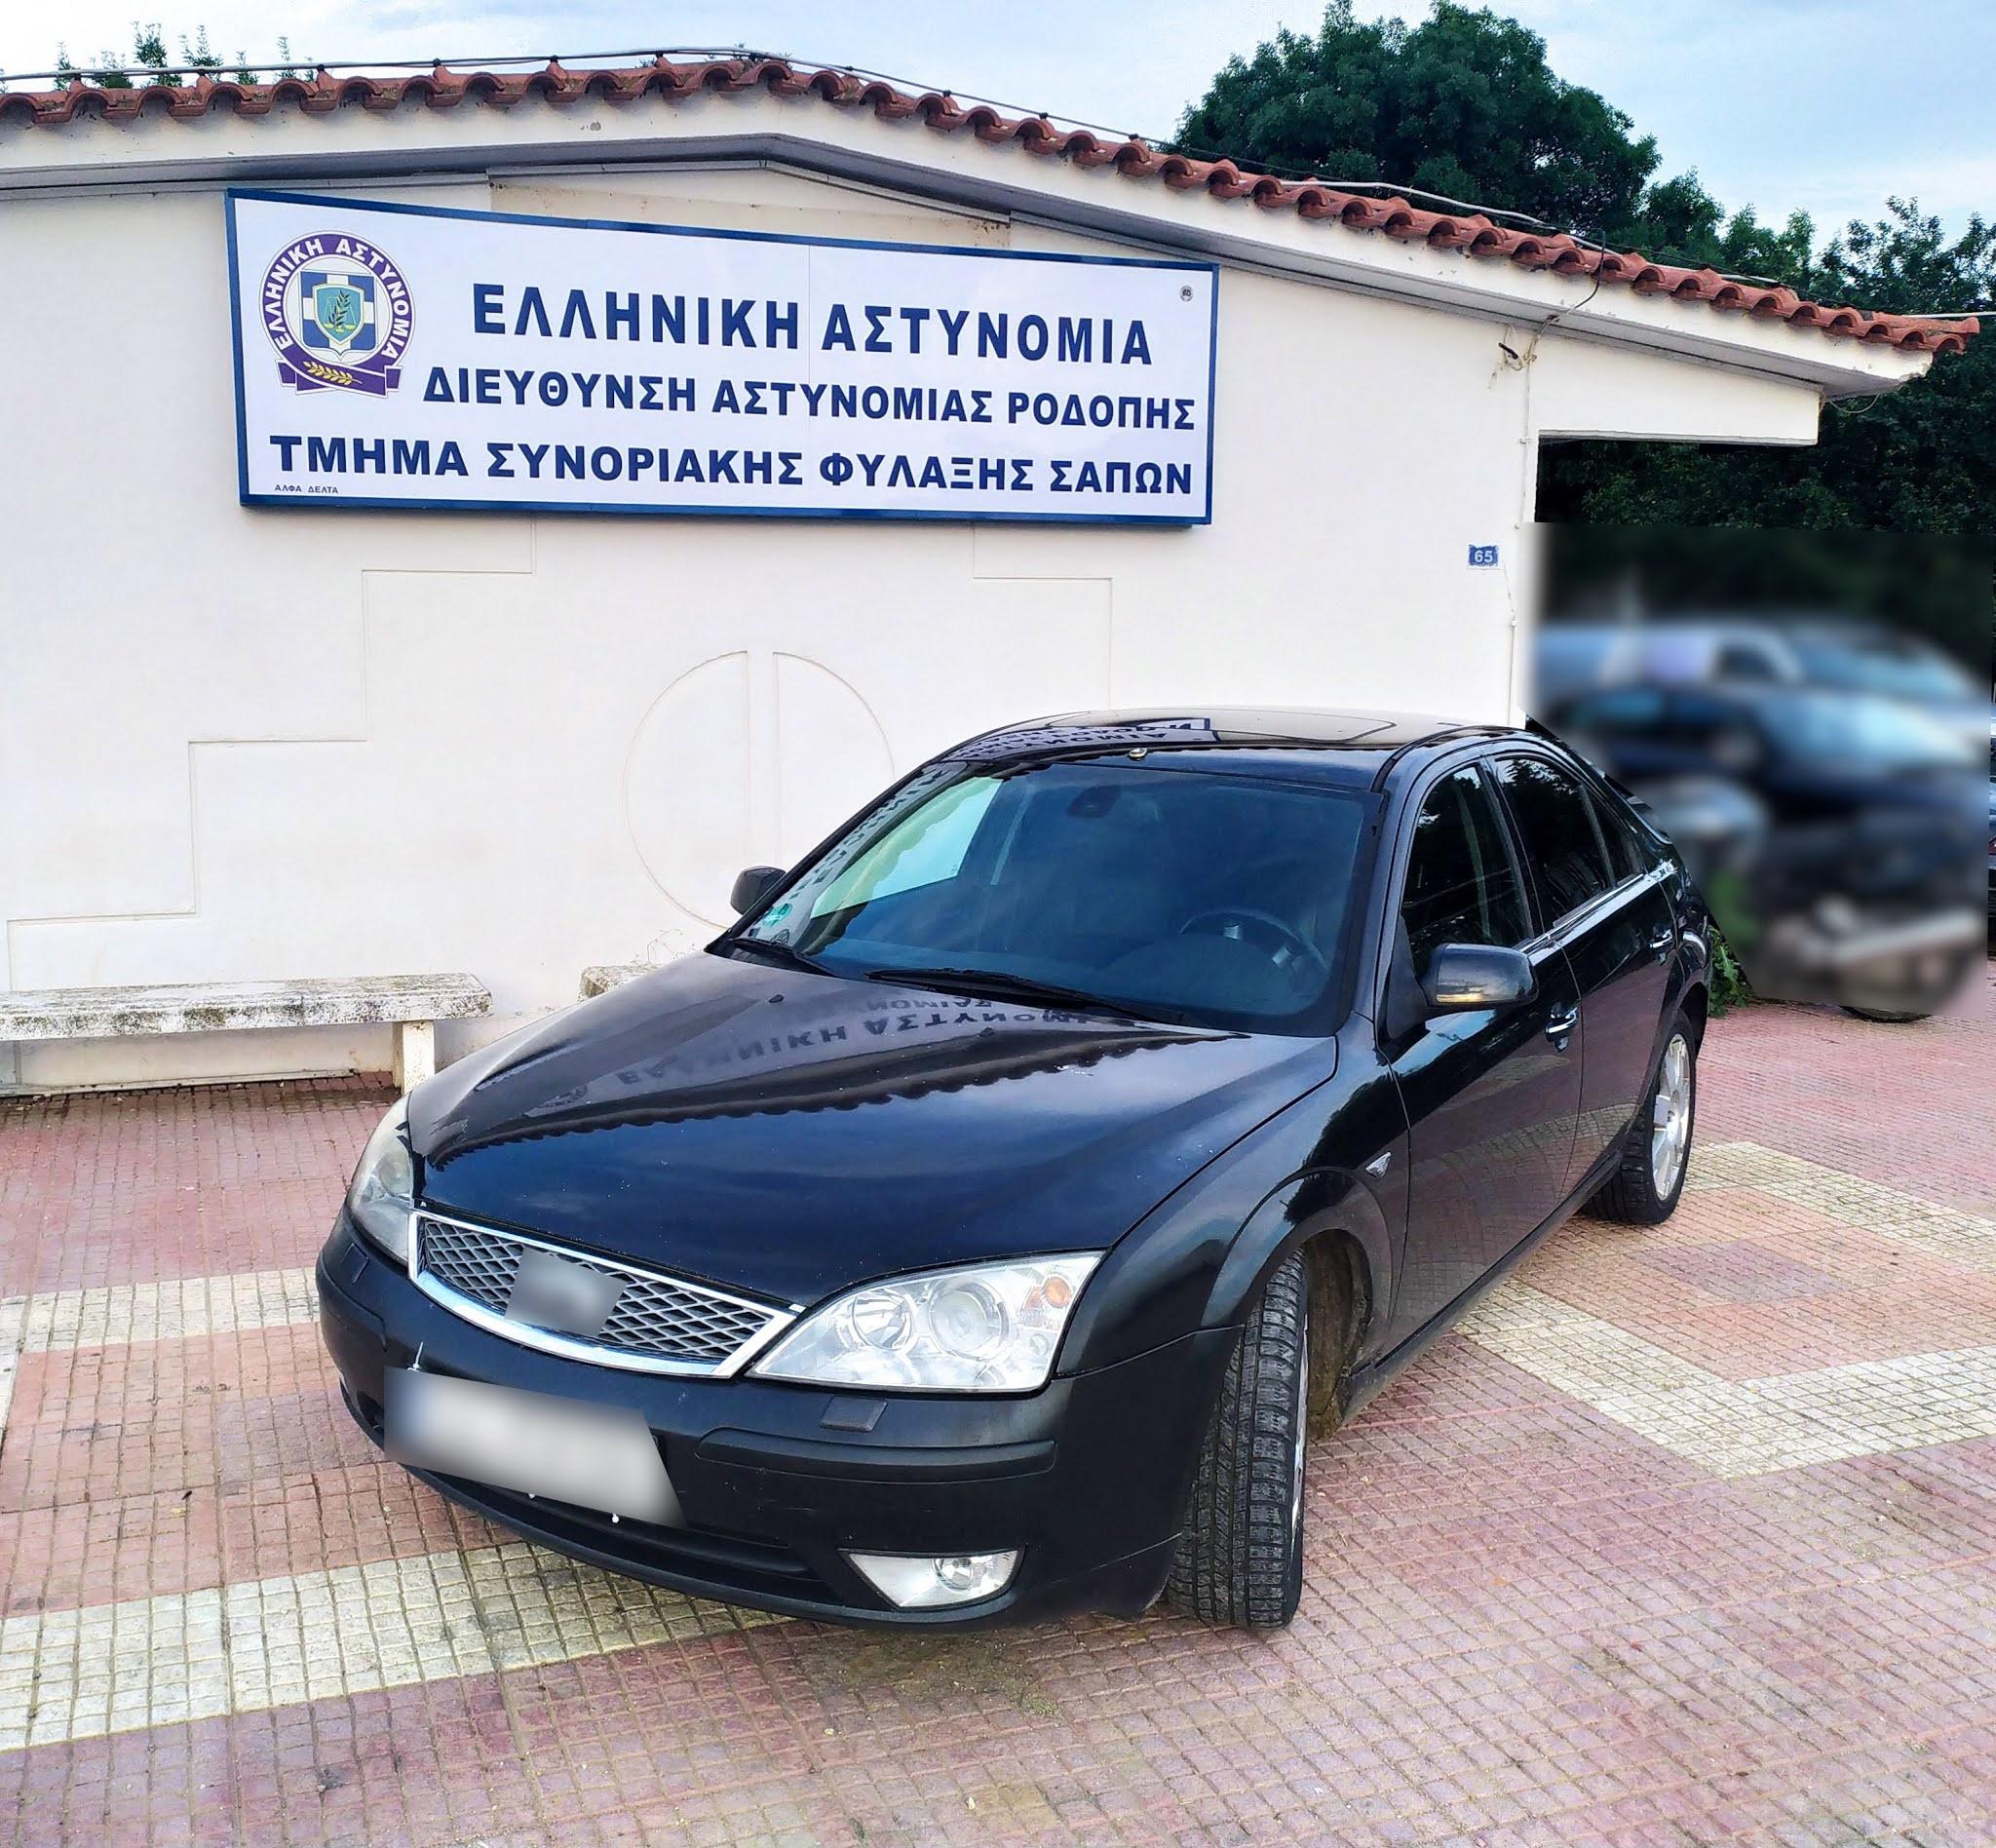 Με αμείωτο ρυθμό οι συλλήψεις διακινητών στη Θράκη [ΦΩΤΟ]